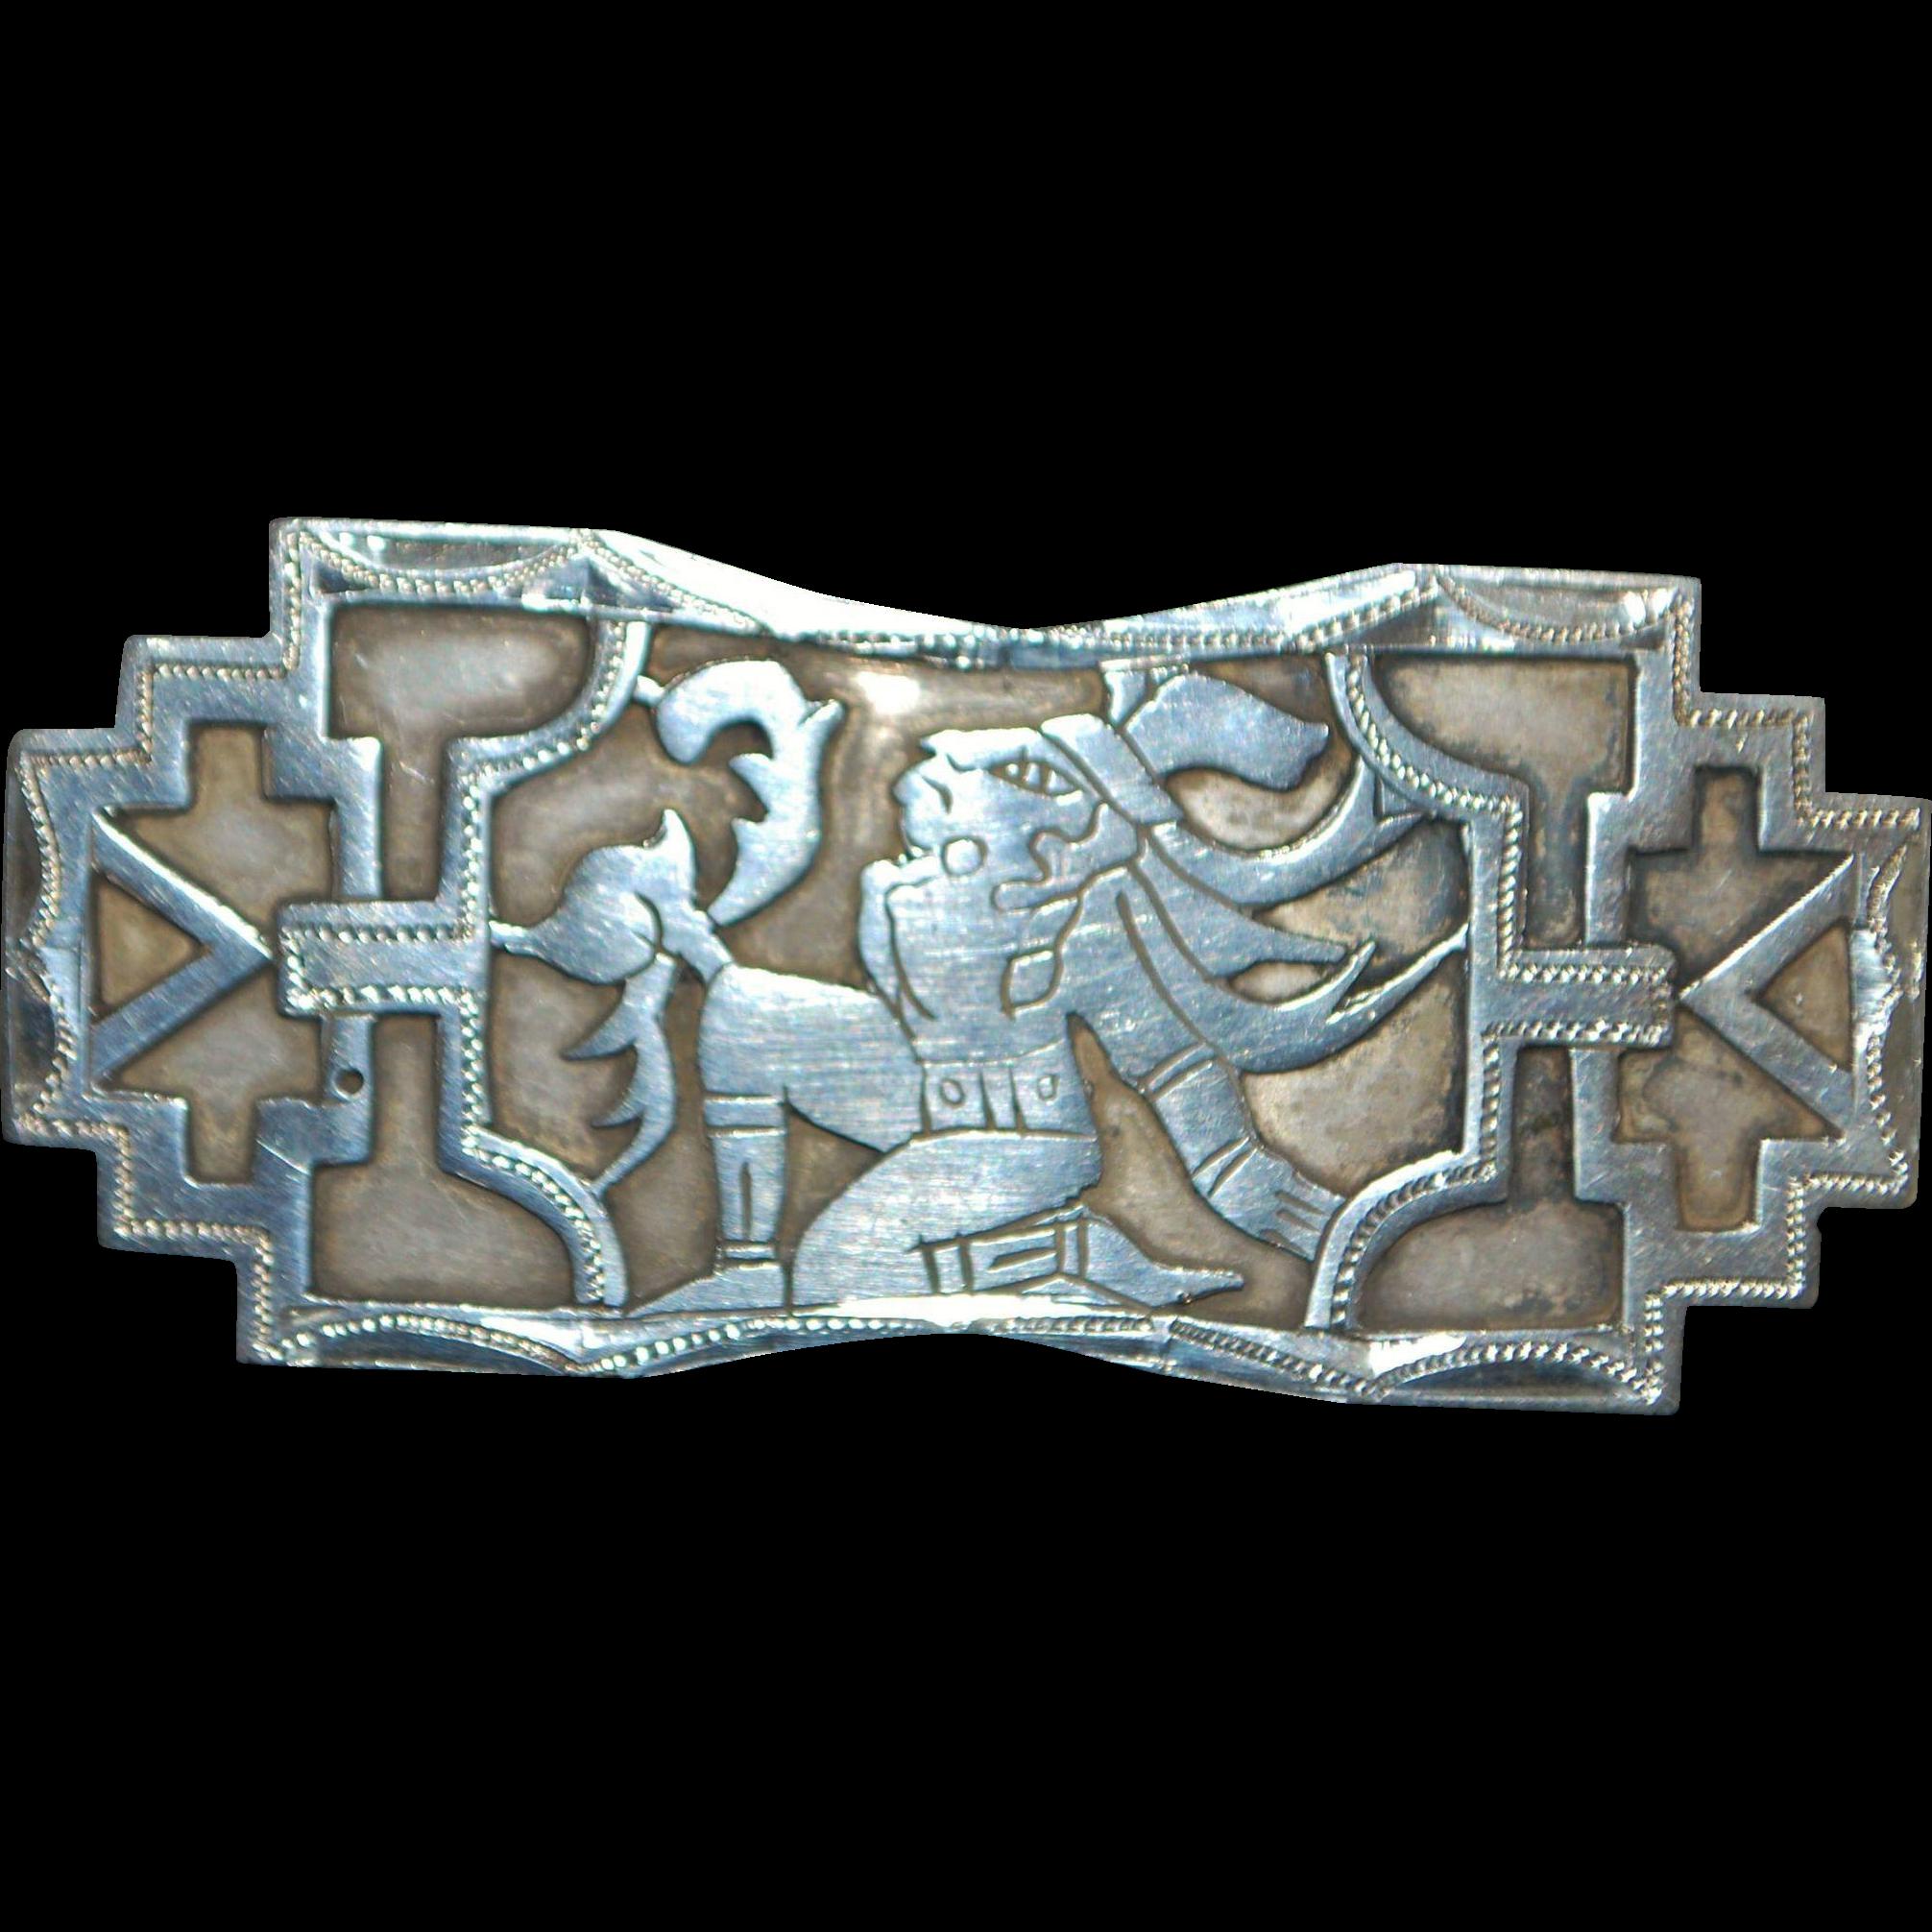 Guatemalan Chumil 900 Silver Brooch